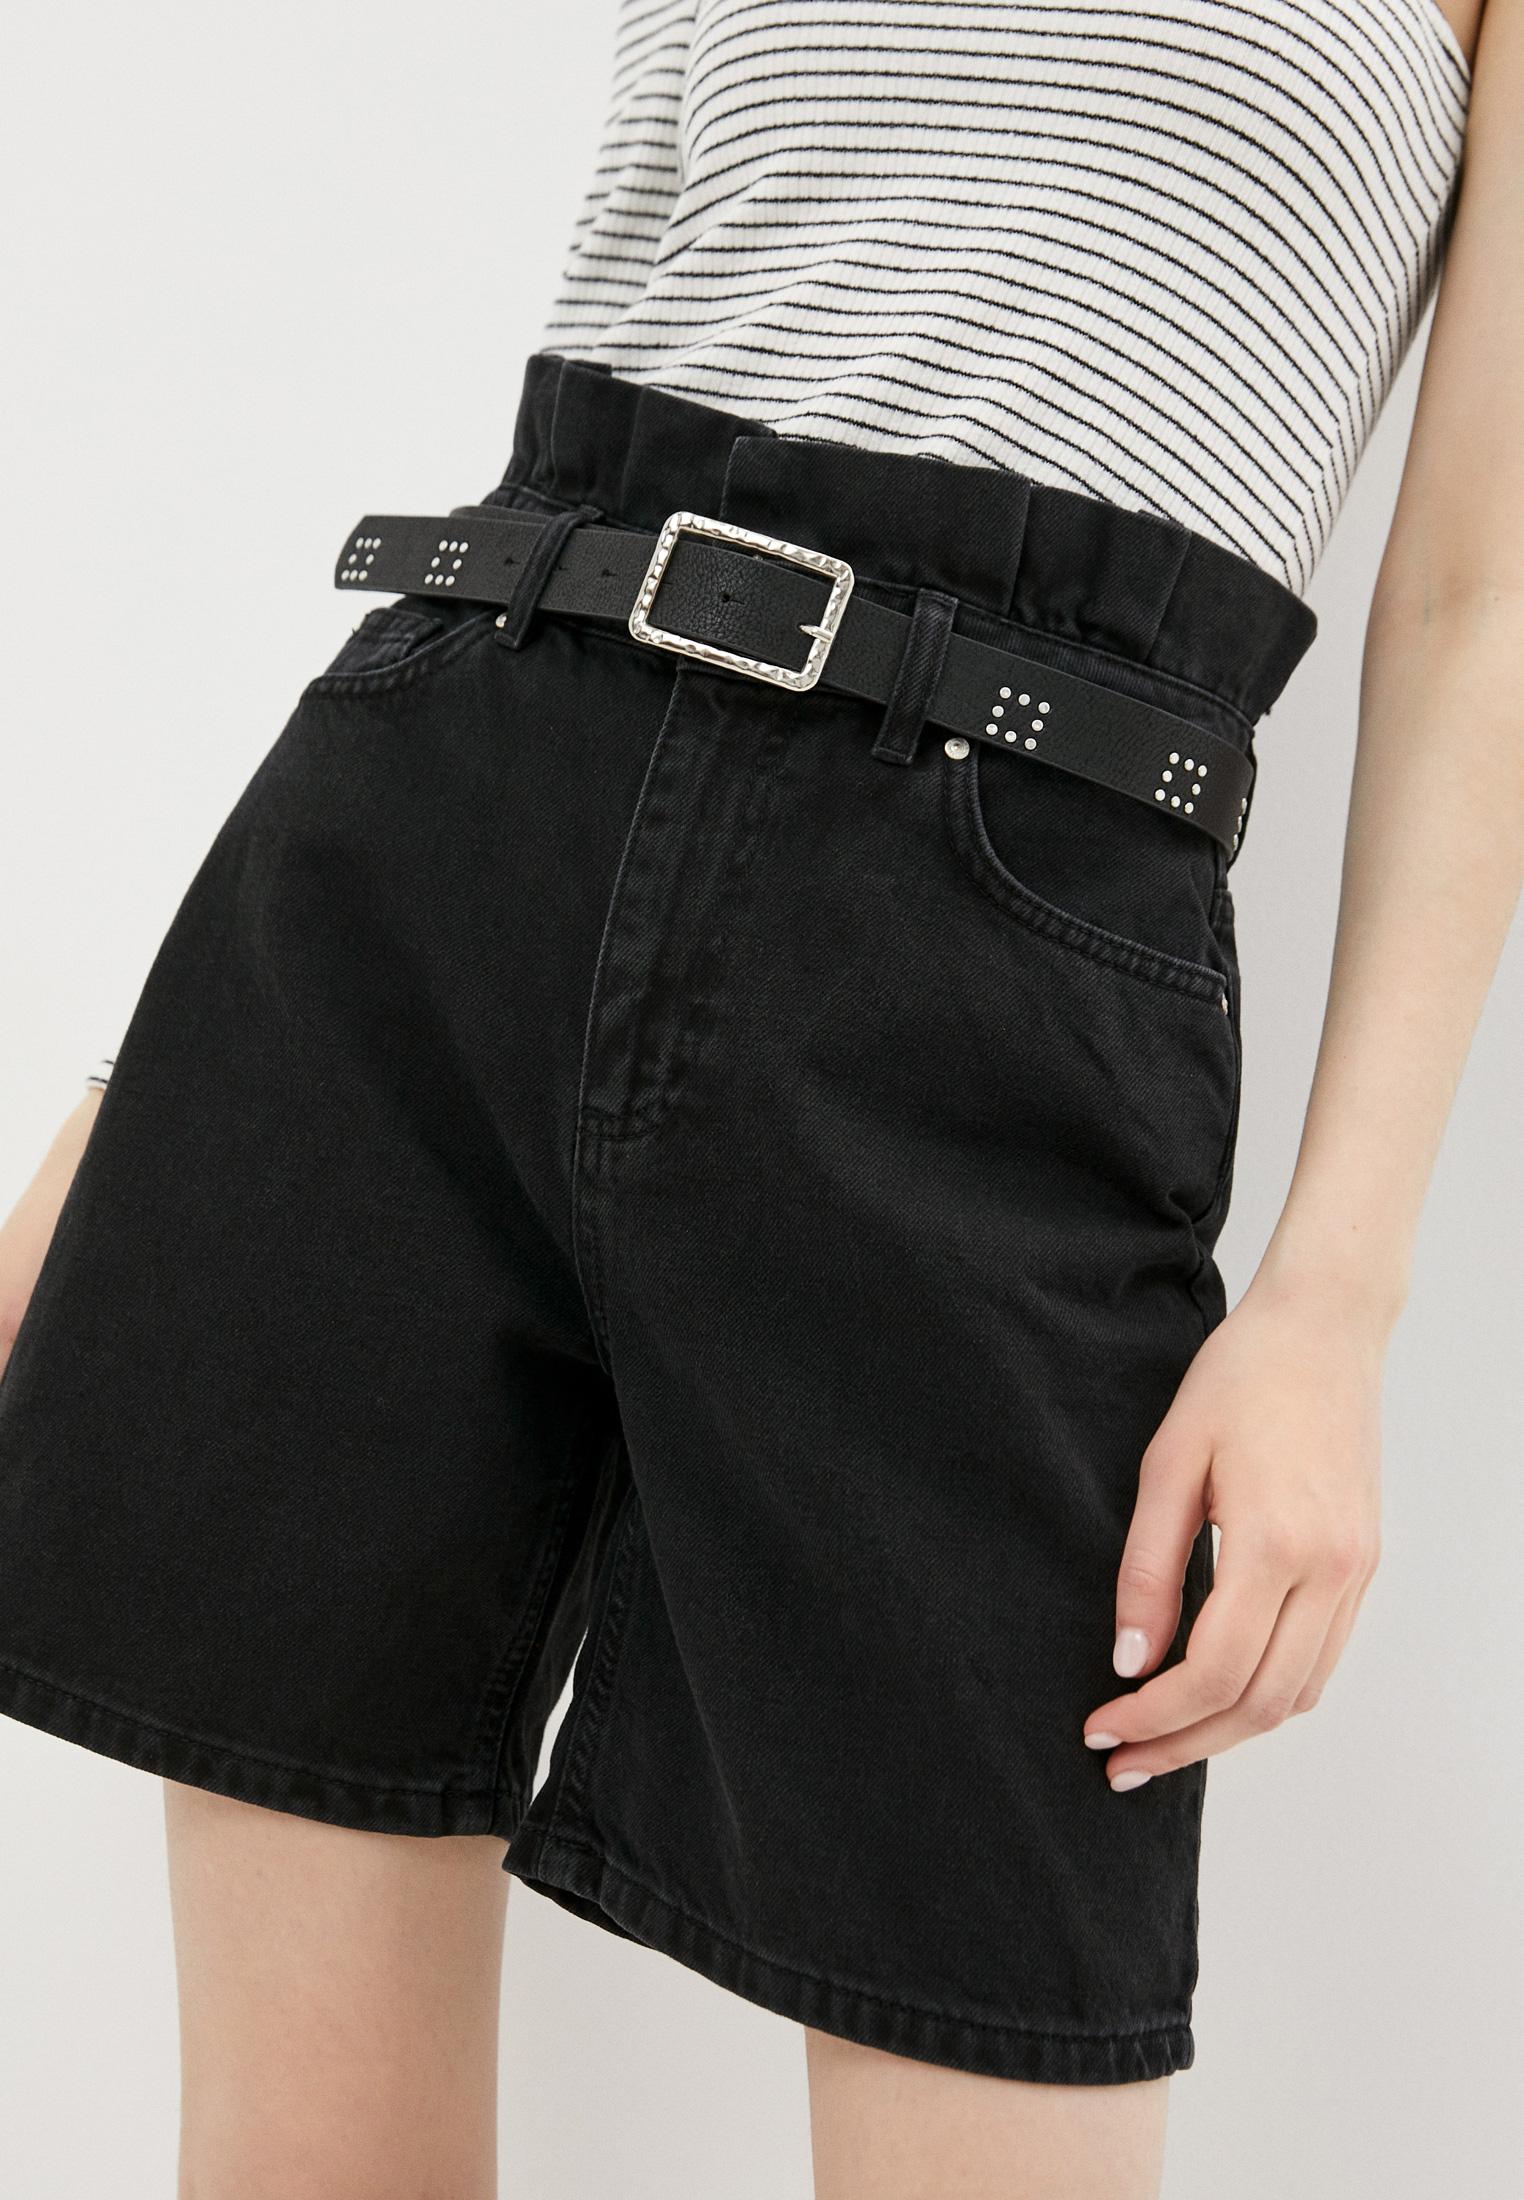 Женские джинсовые шорты Trendyol Шорты джинсовые Trendyol